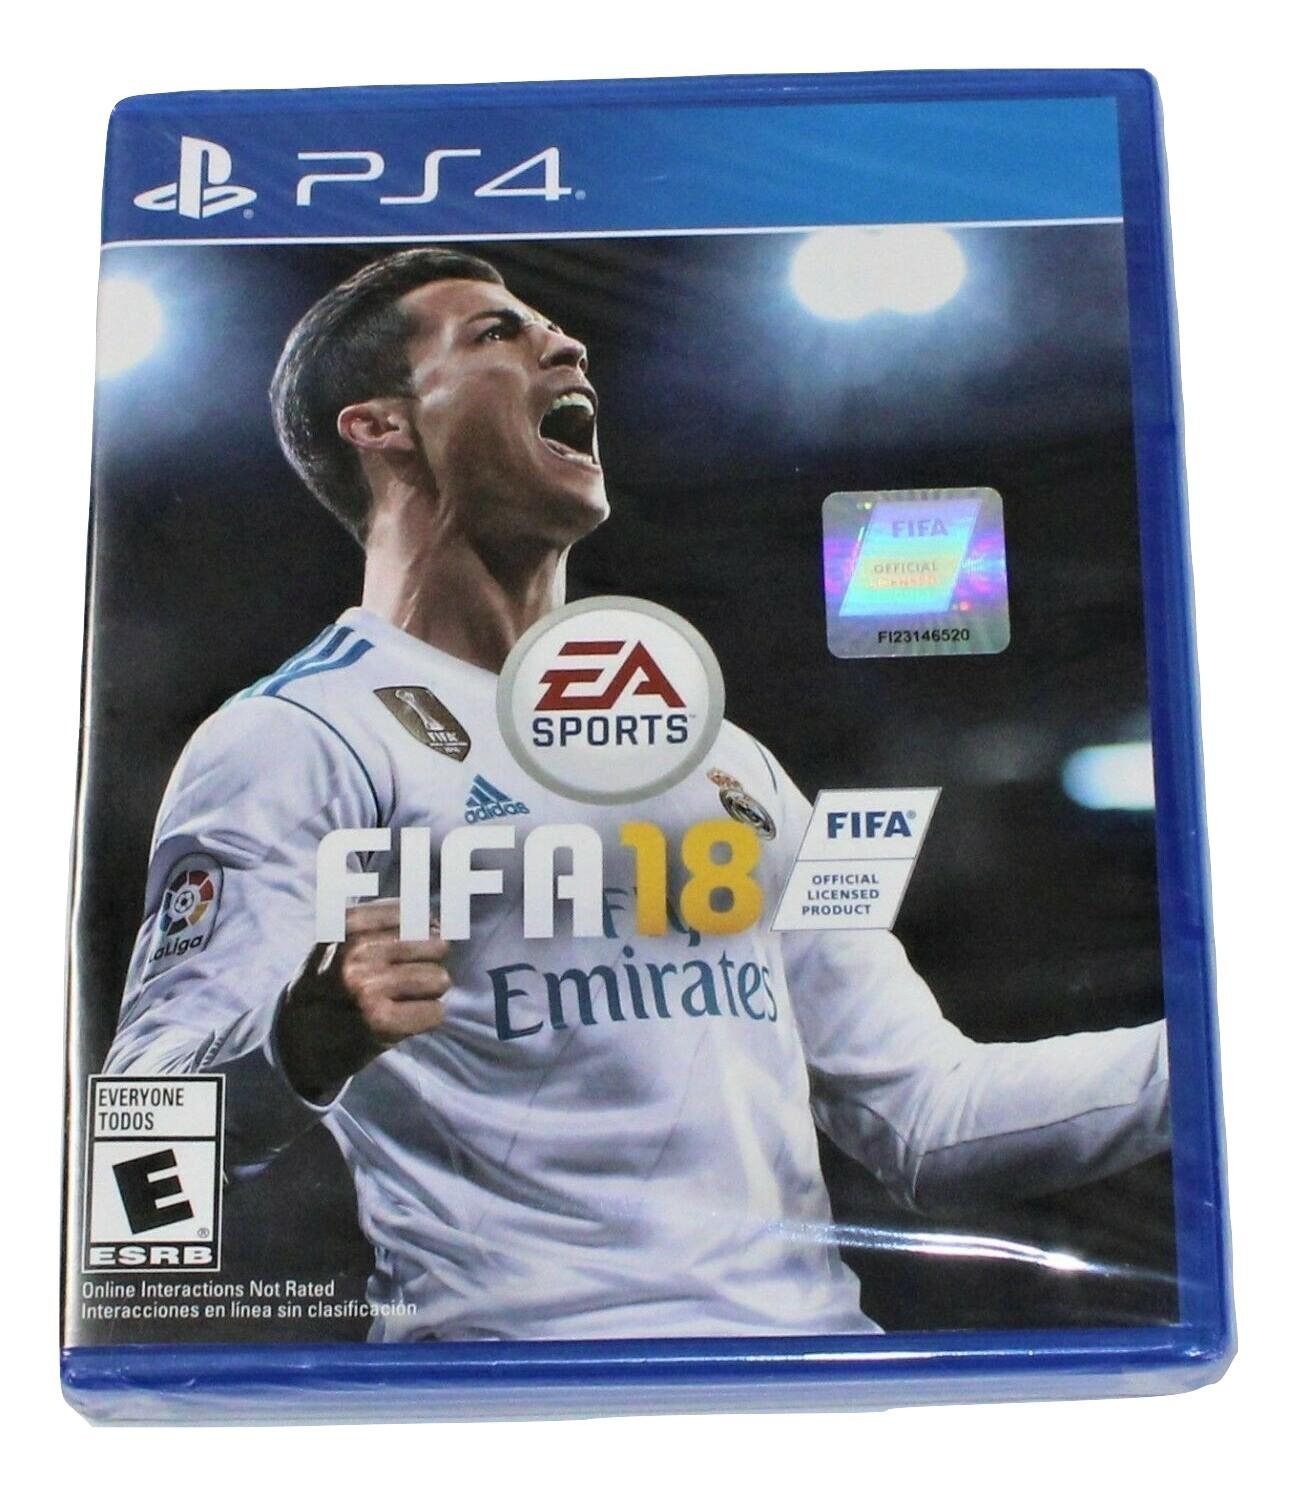 FIFA 18 (Sony PlayStation 4, 2017) - $8.99